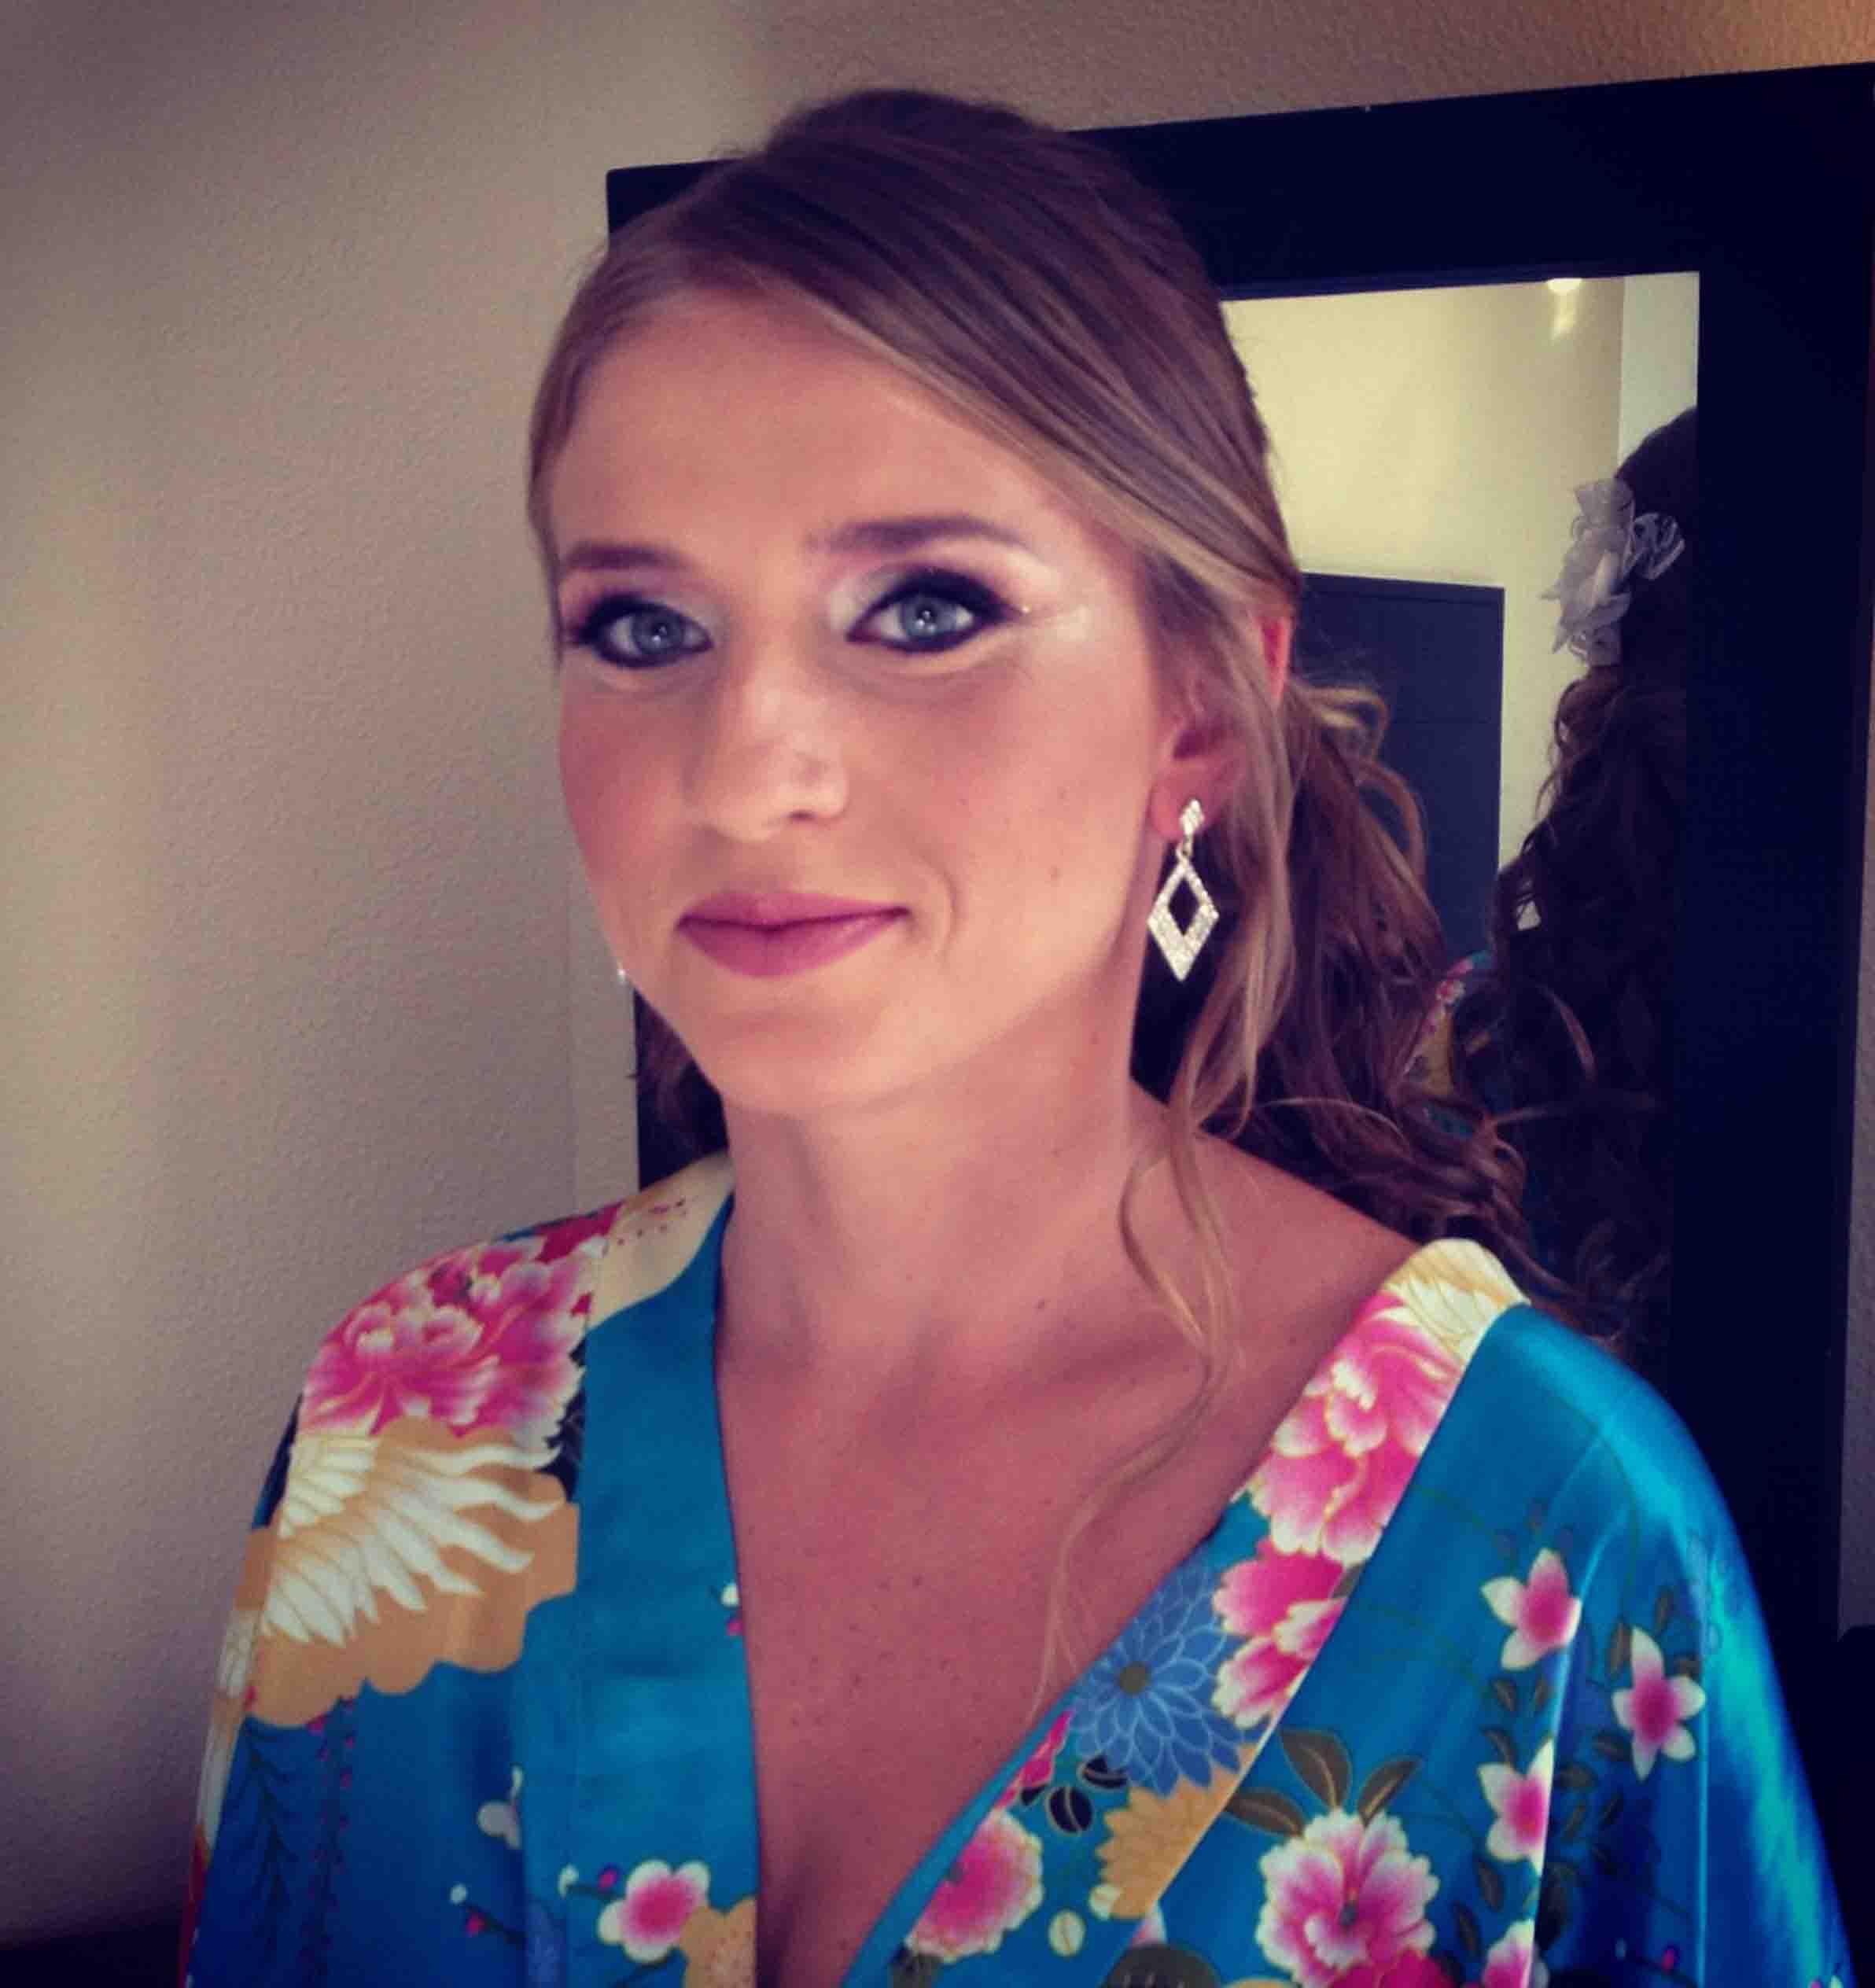 איפור כלות מקצועי ועיצוב שיער לחתונה של נטשה